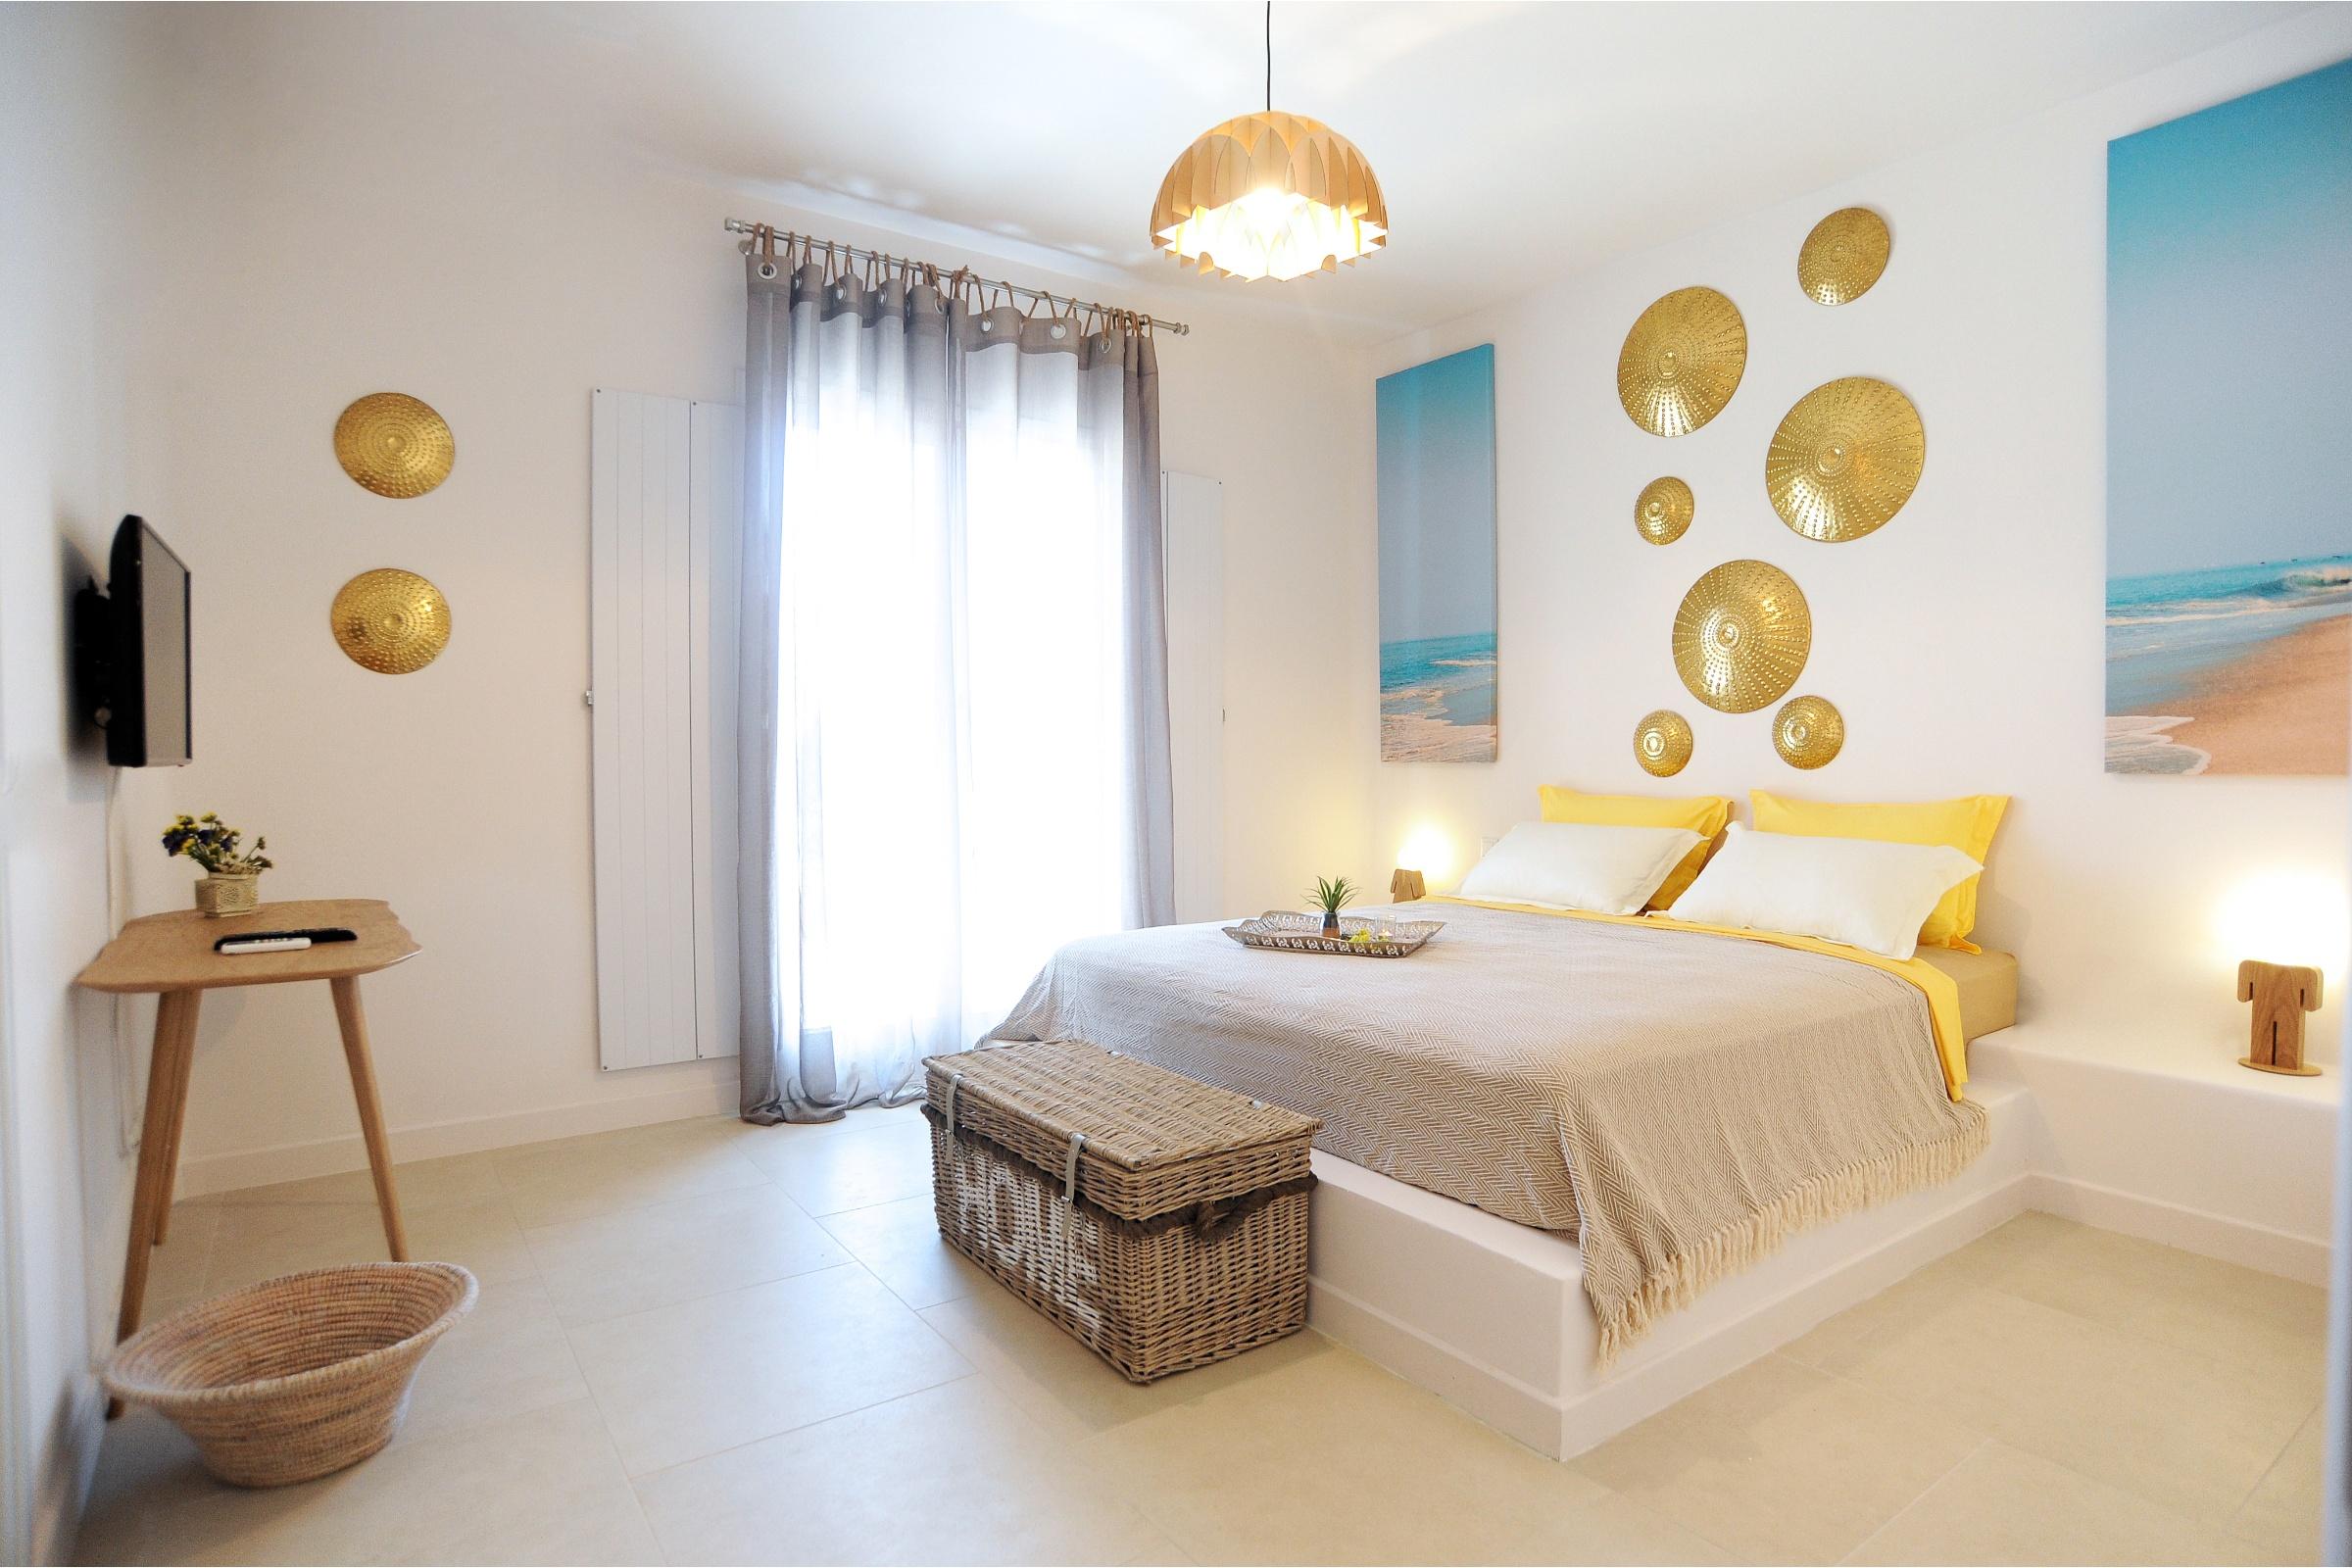 villas mykonos bedrooms